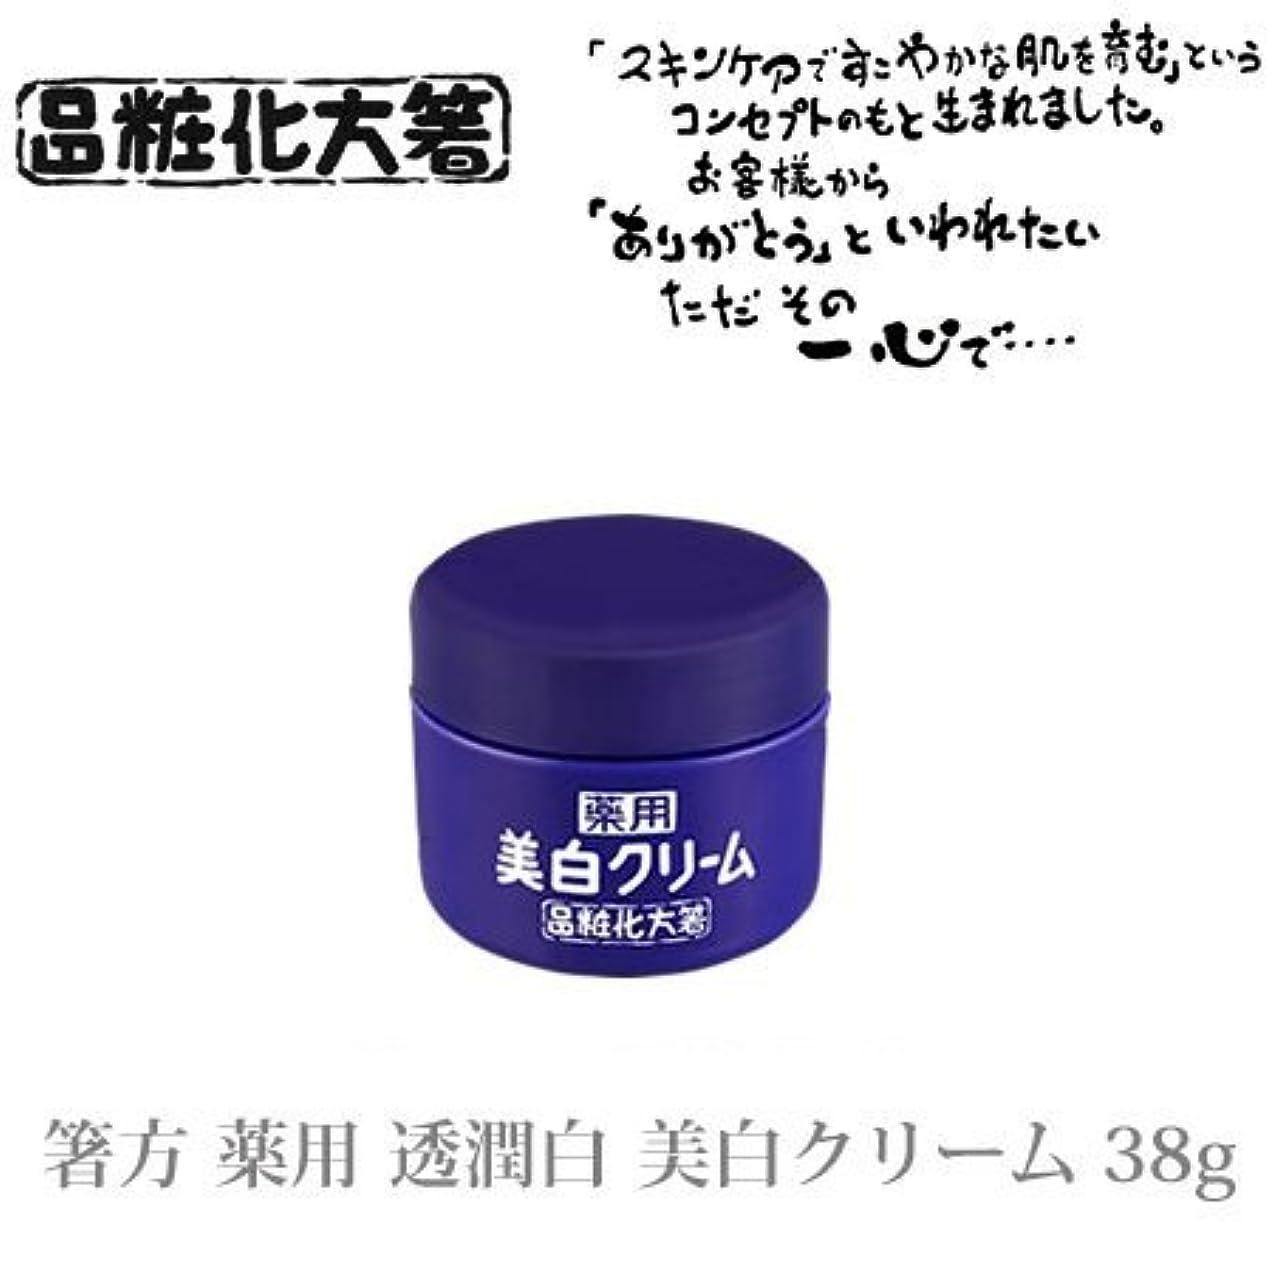 め言葉セレナ慣れている箸方化粧品 薬用 透潤白 美白クリーム 38g はしかた化粧品